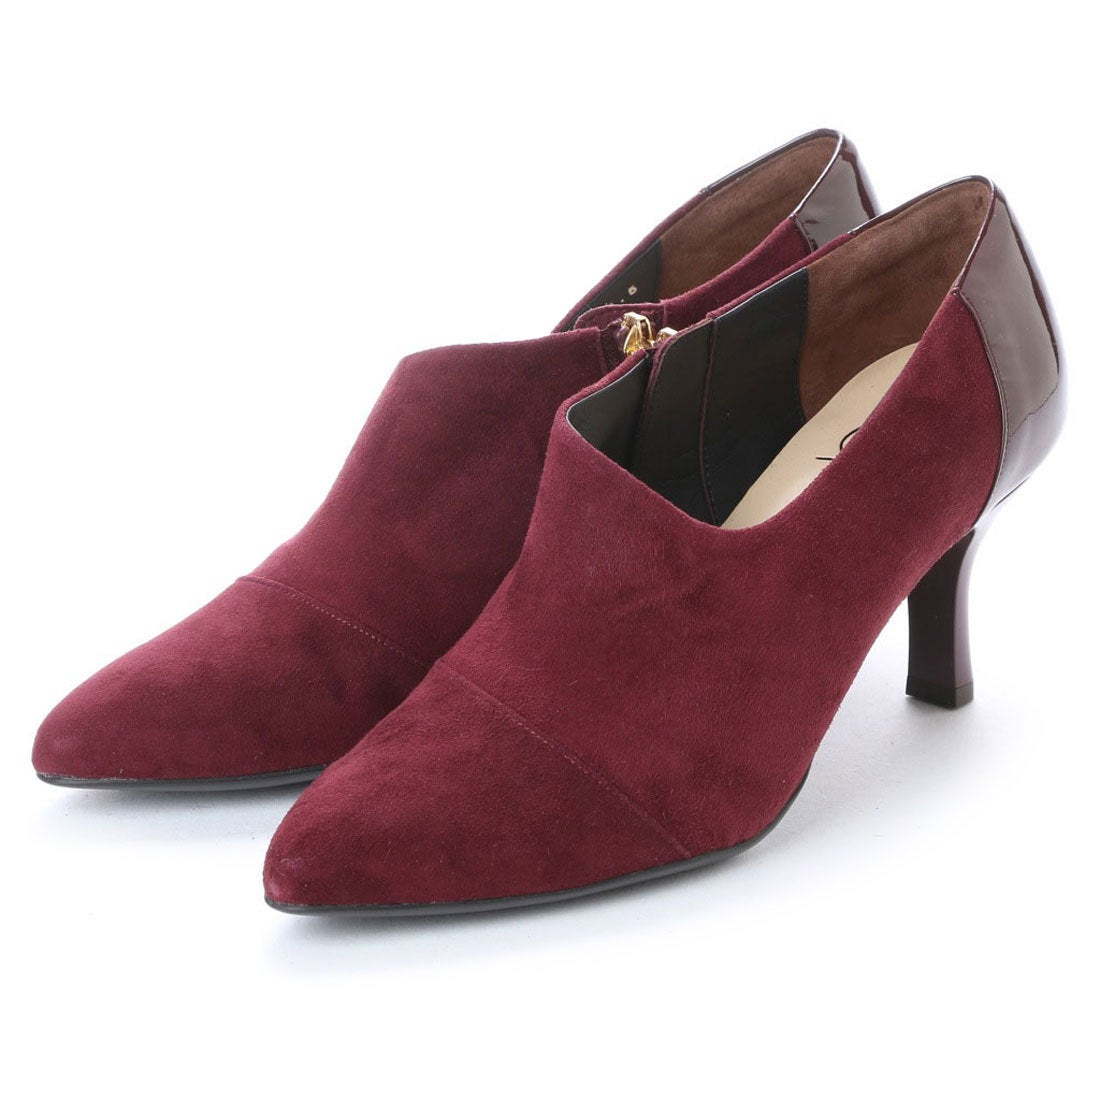 ロコンド 靴とファッションの通販サイトスタイルラボ STYLE lab ソフトレザーポインテッドトゥブーティ (ワイン)